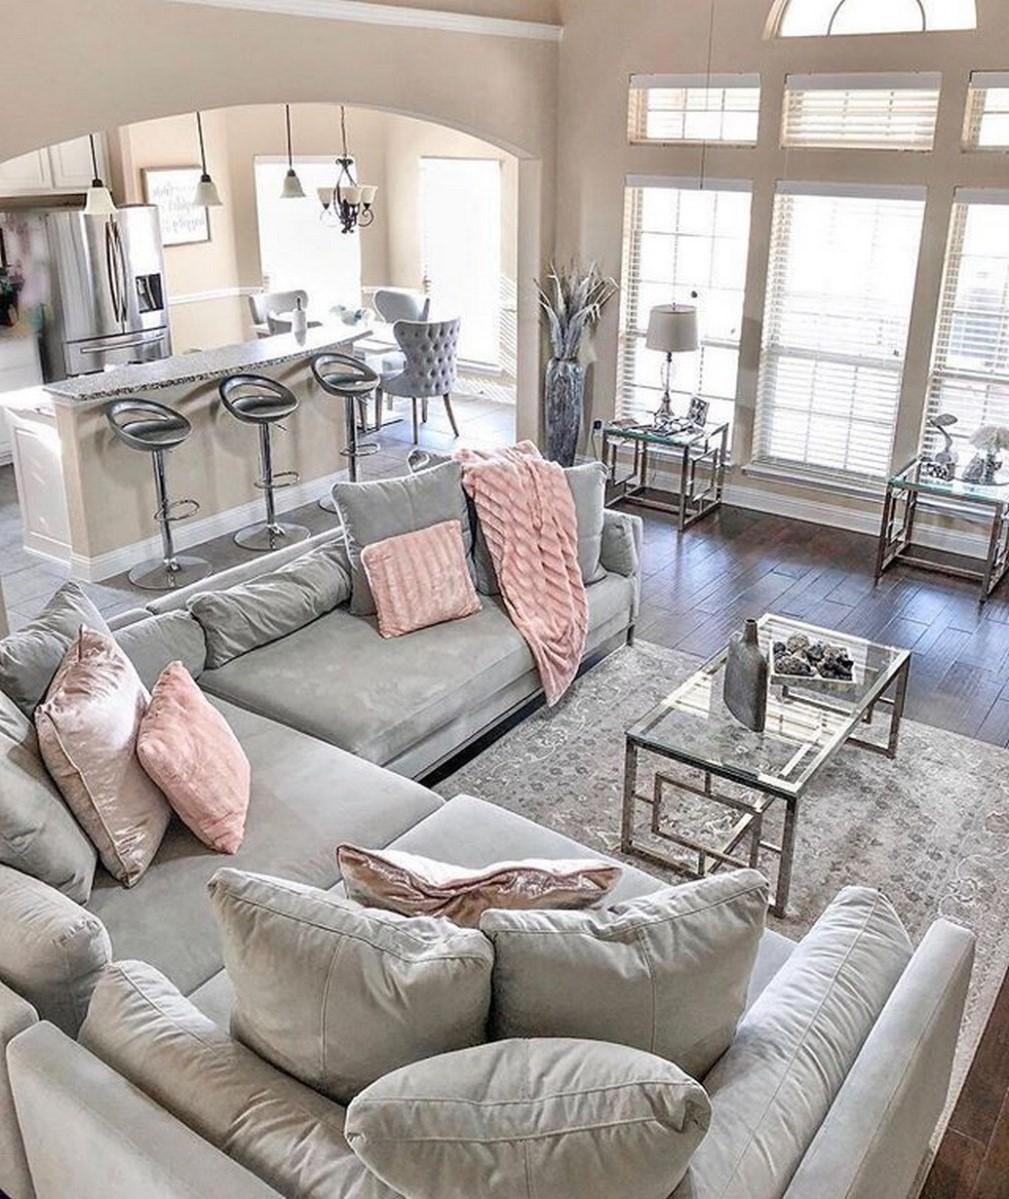 Canapé gris avec des oreillers roses - le rêve de chaque fille.